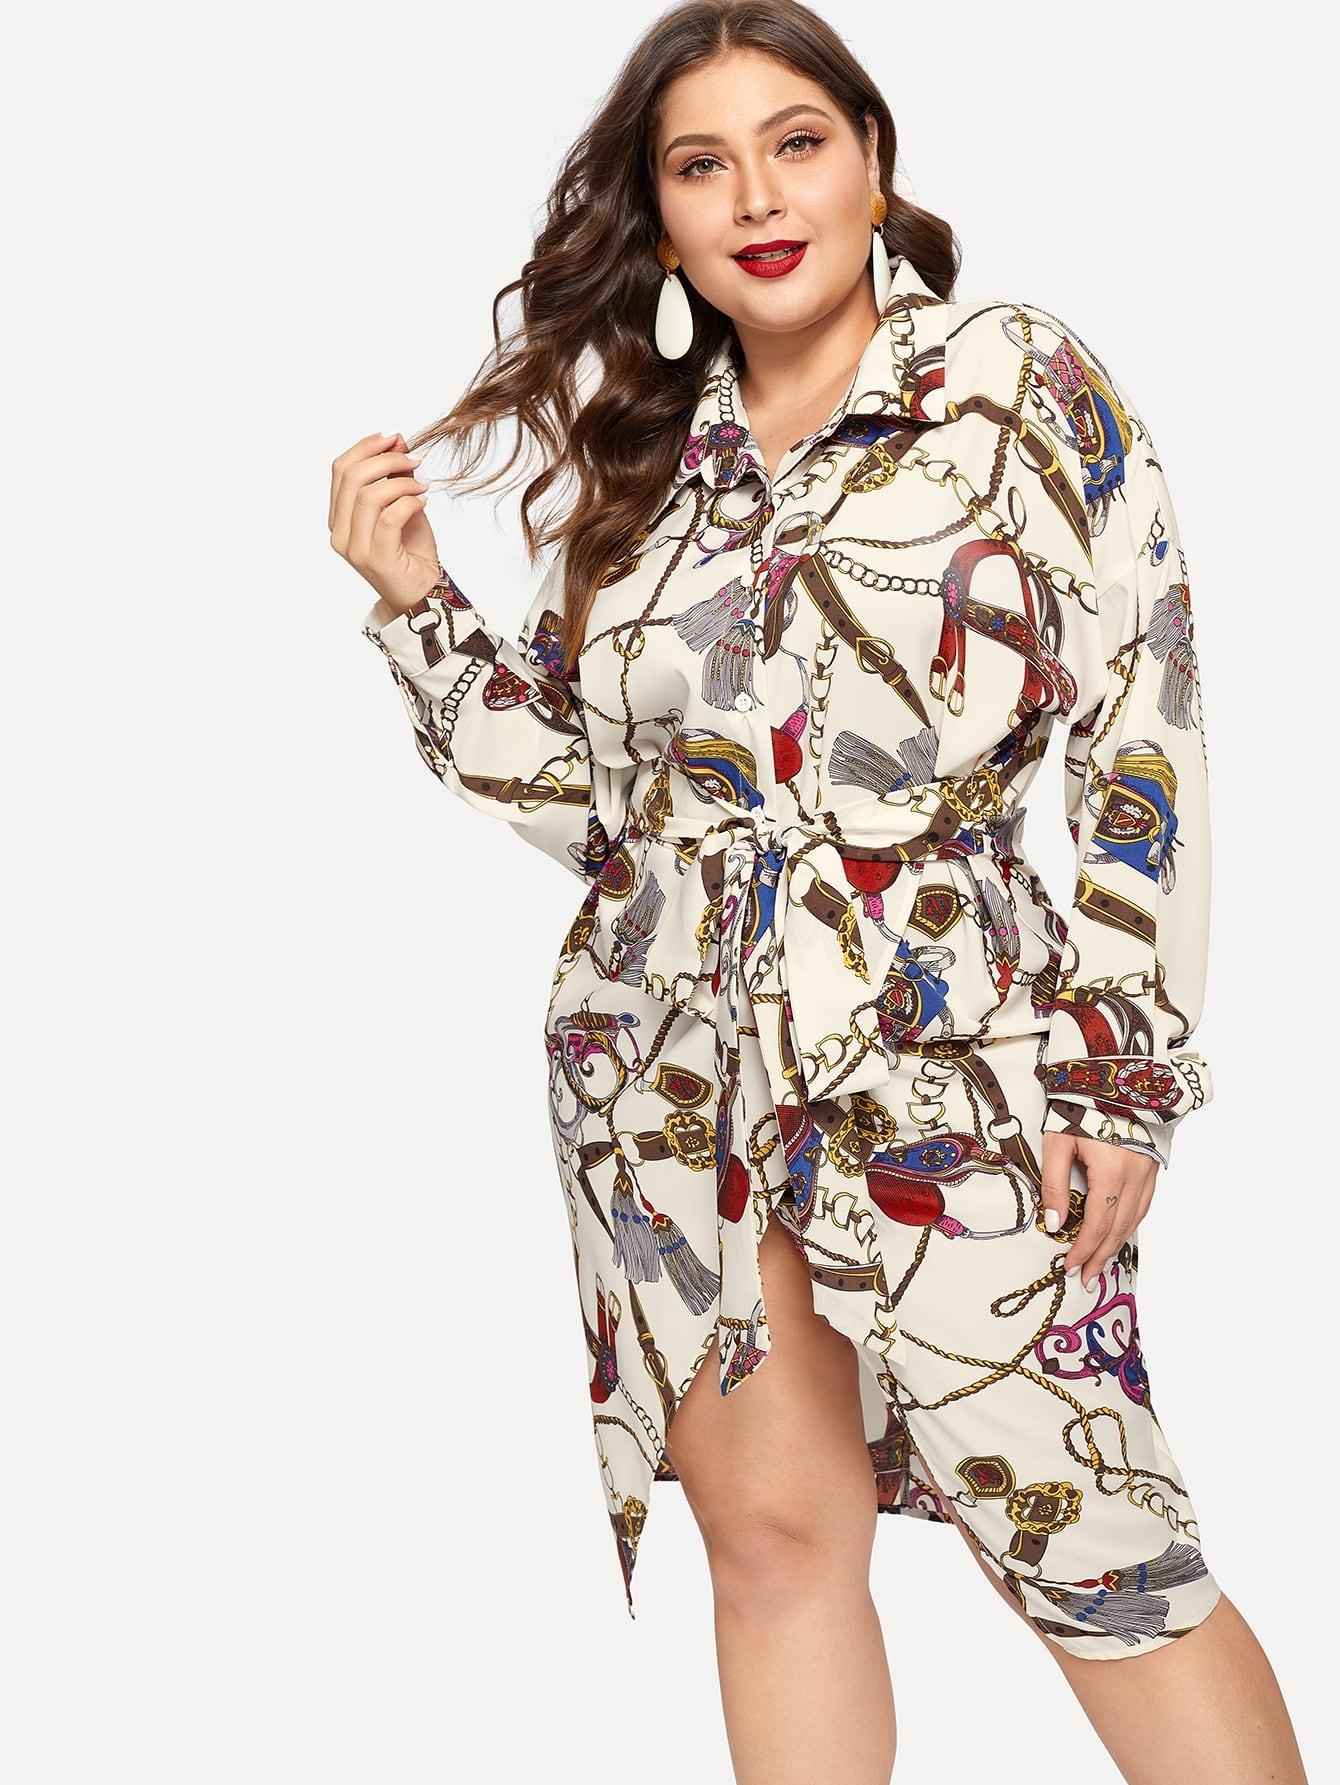 Купить Асимметричное платье с поясом и графическим принтом размера плюс, Carol, SheIn